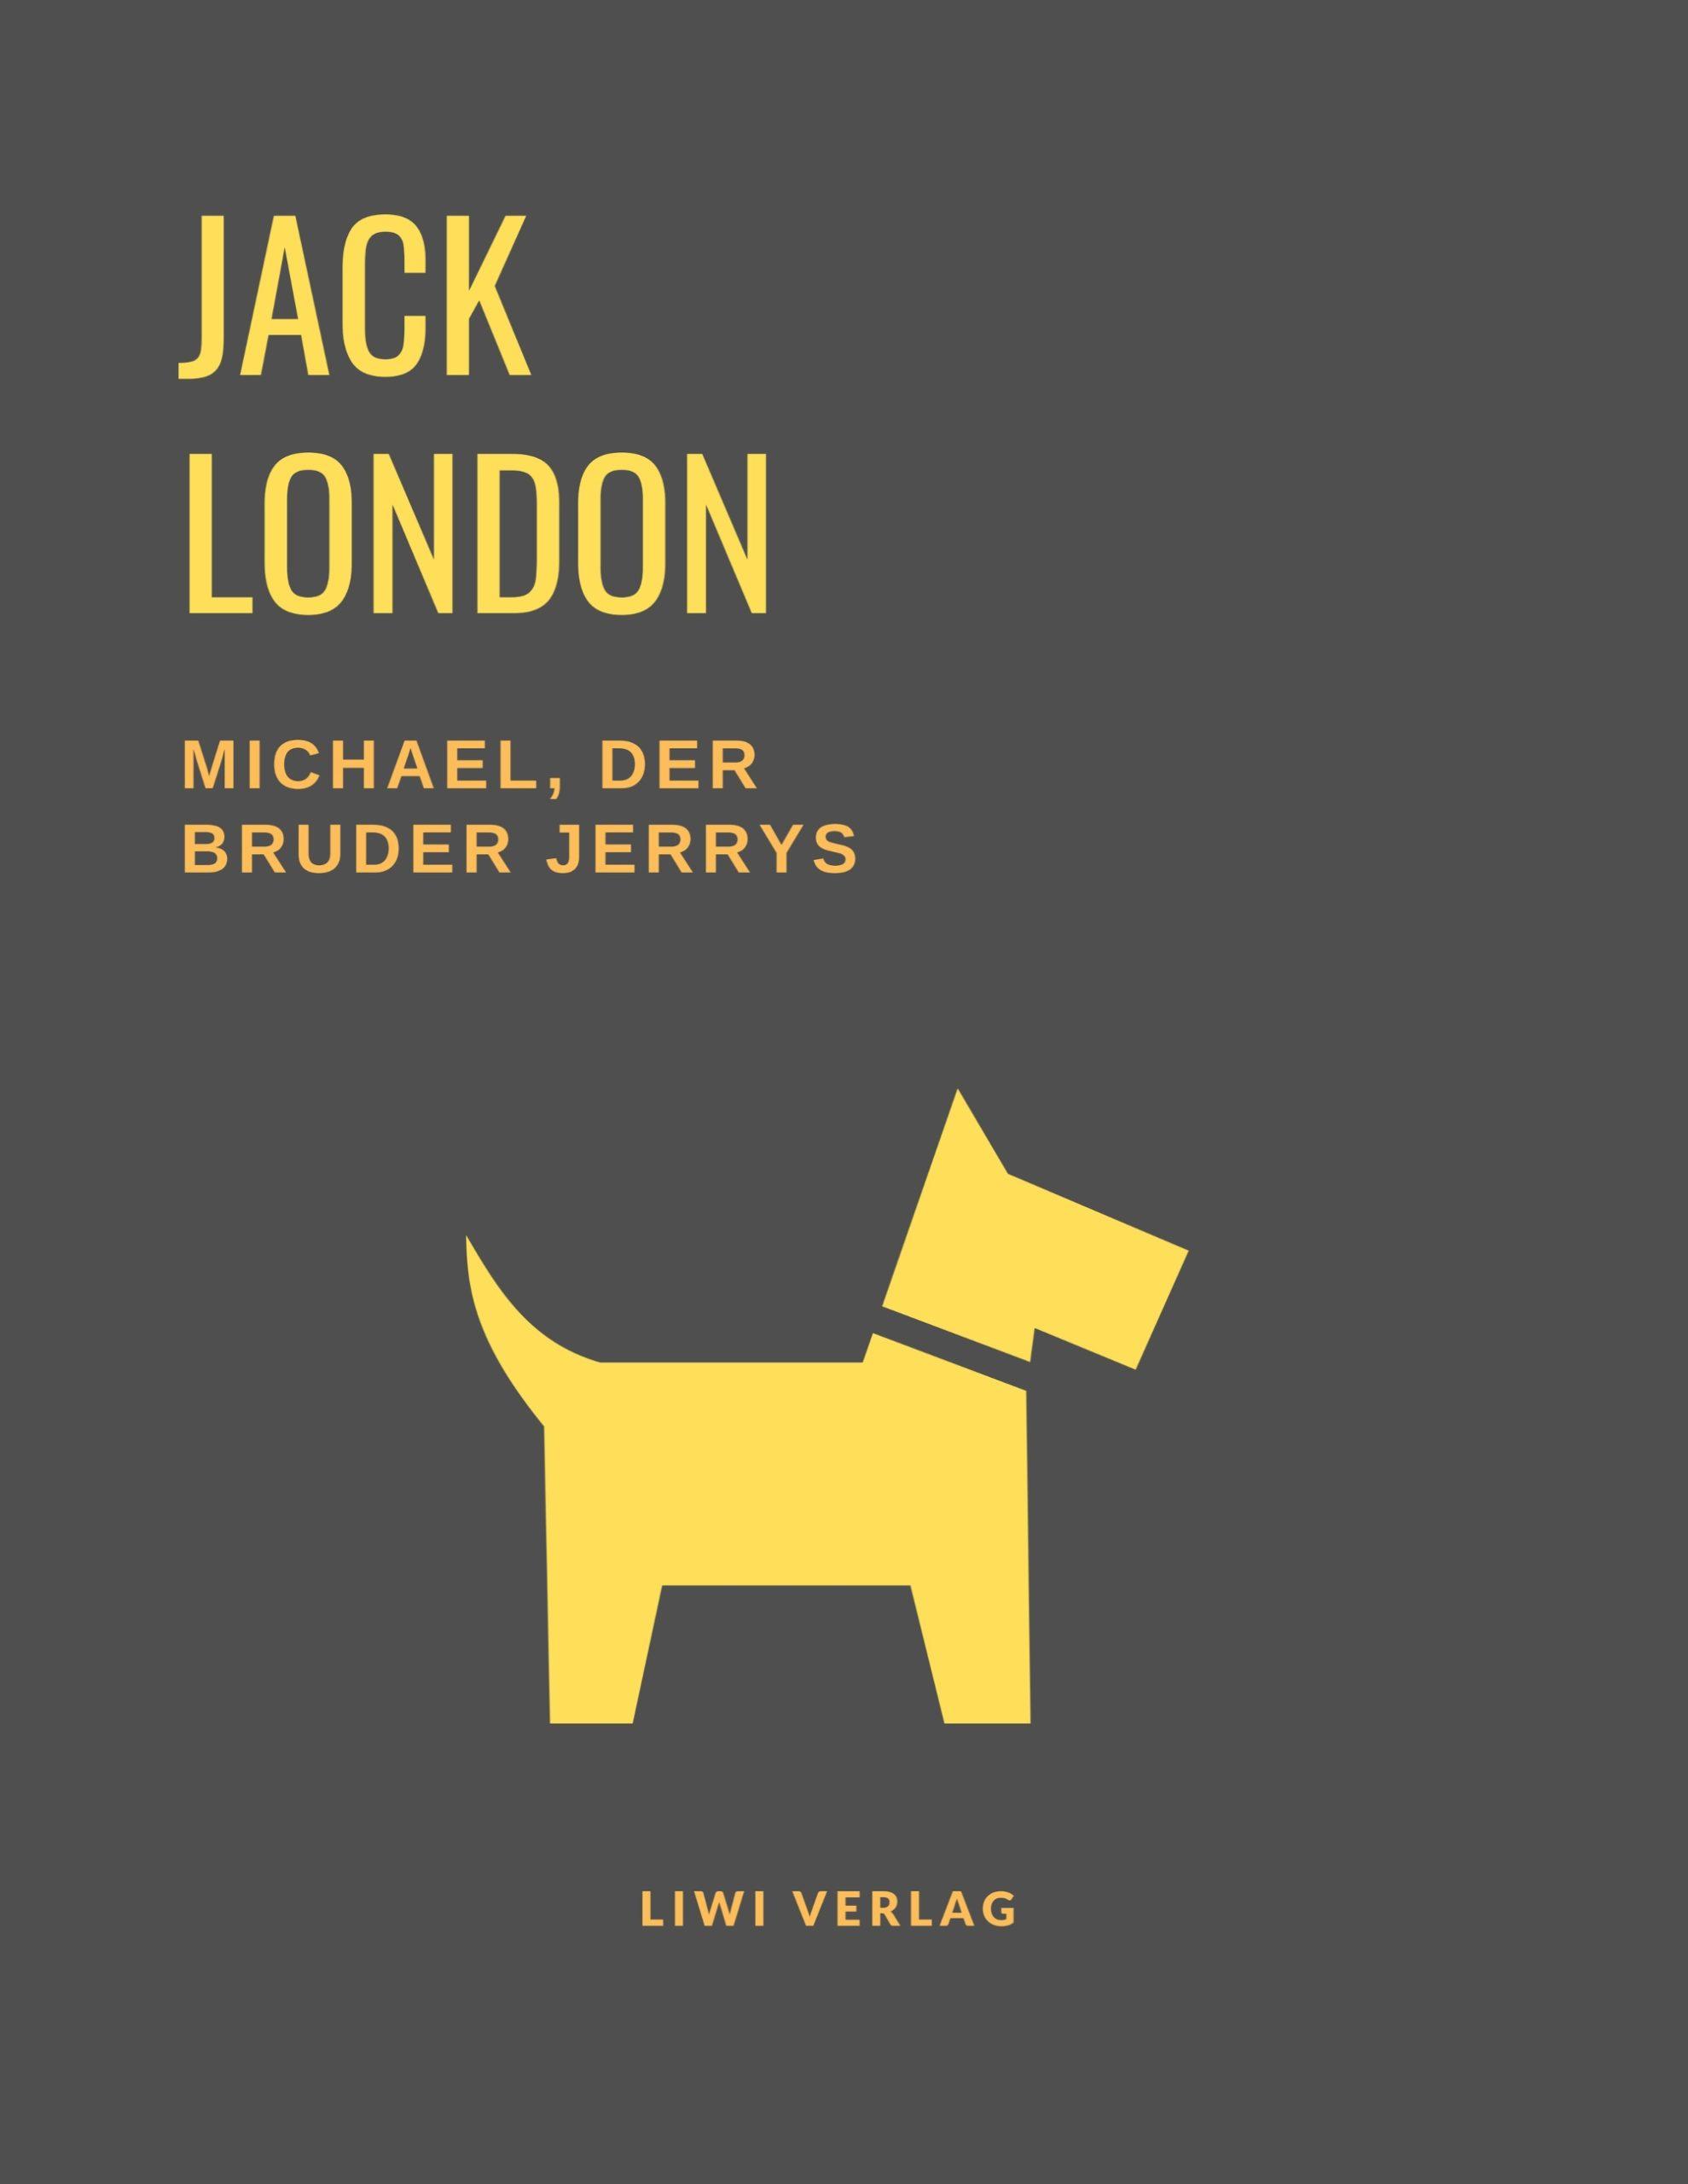 Jack London - Michael, der Bruder Jerrys